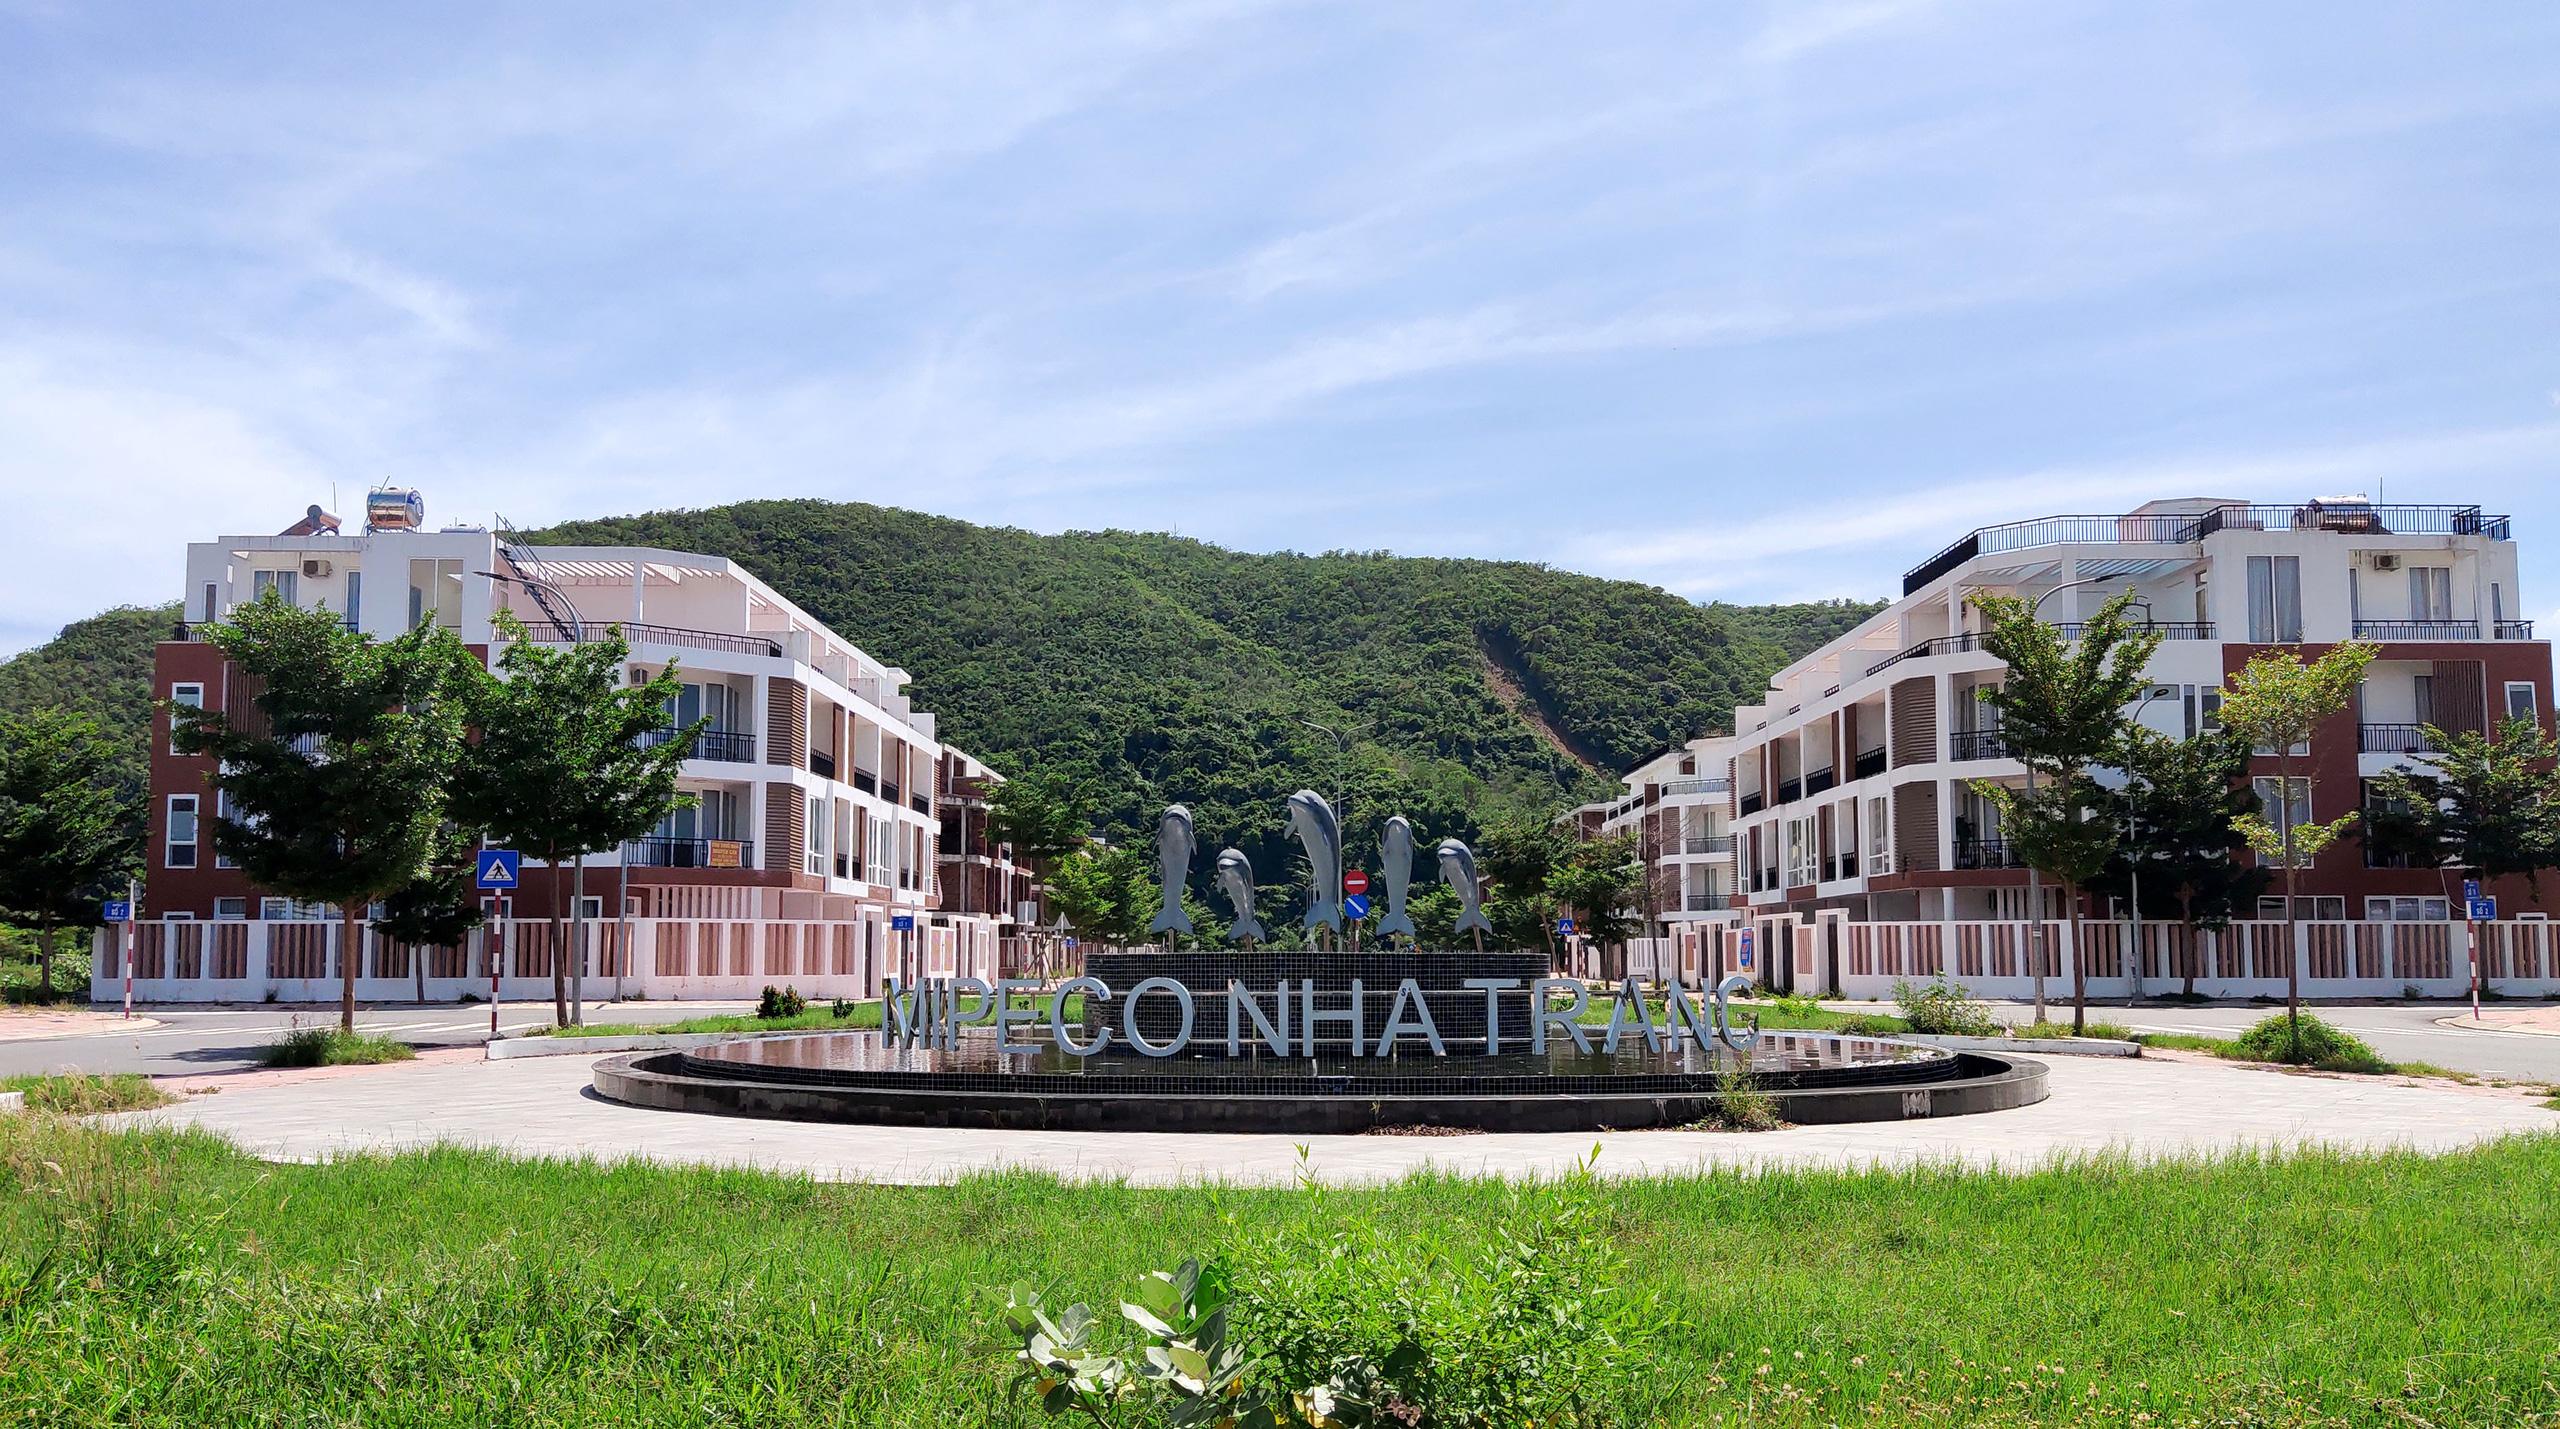 Hàng loạt căn hộ bỏ hoang, vắng chủ tại KĐT Mipeco - Nha Trang - Ảnh 2.